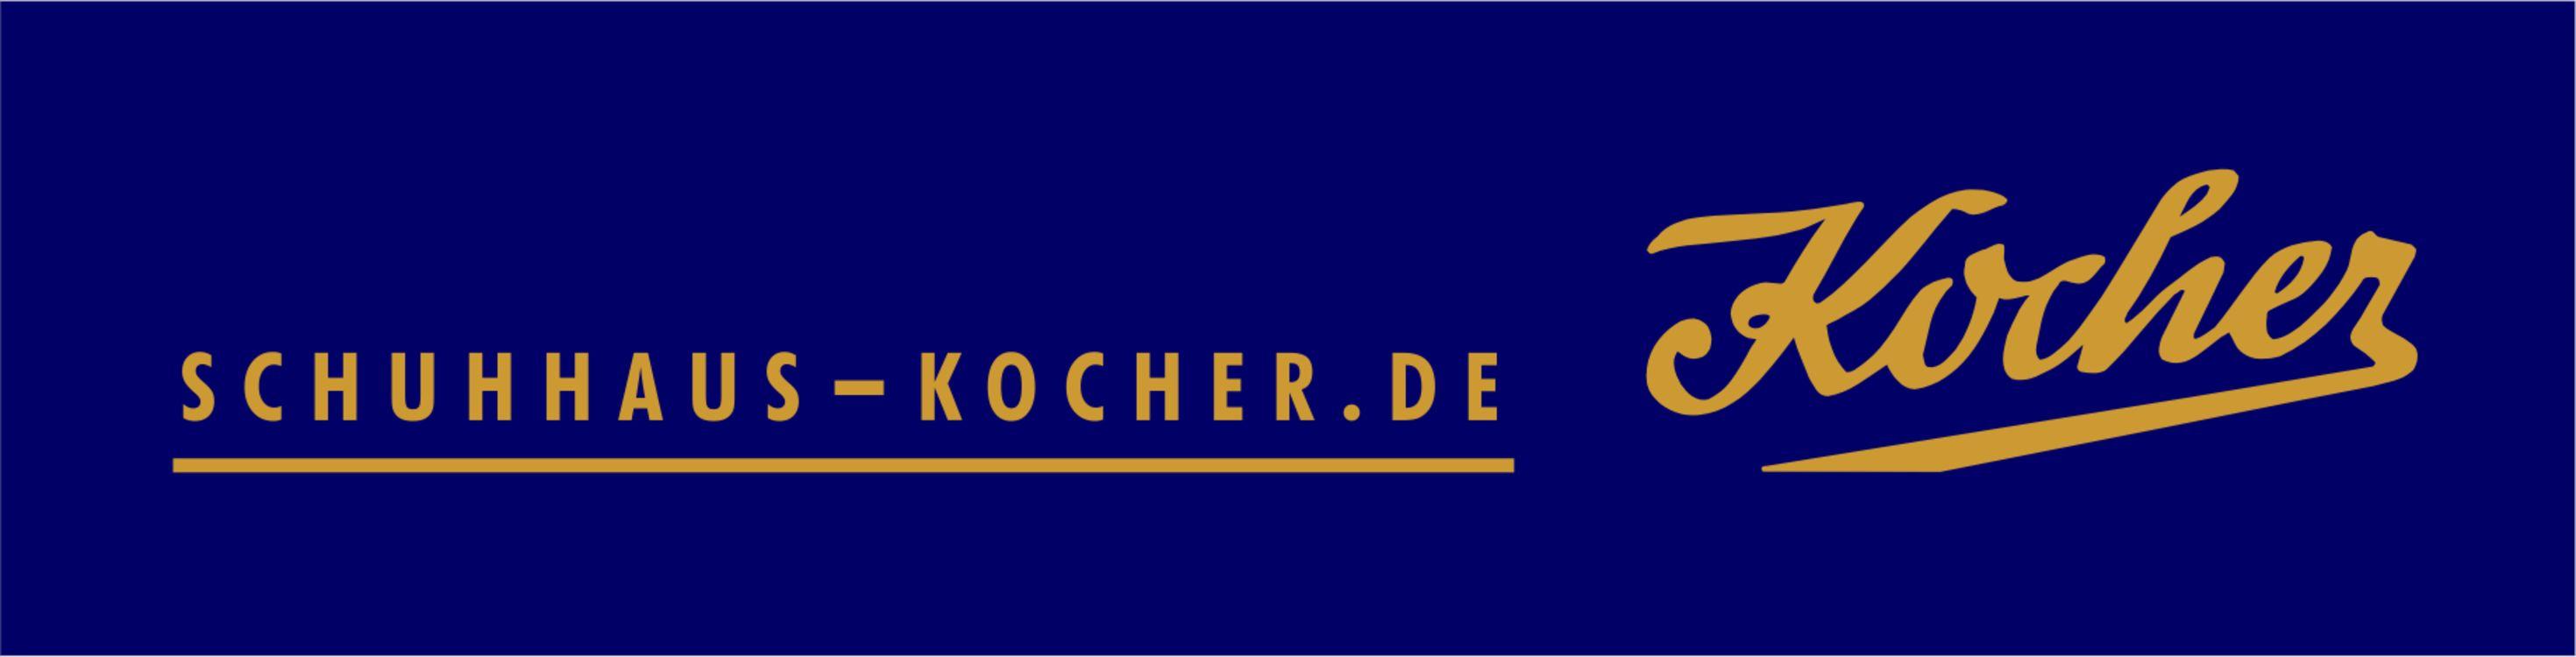 Schuhhaus Kocher na Freiburg im Breisgau (Bild 1)